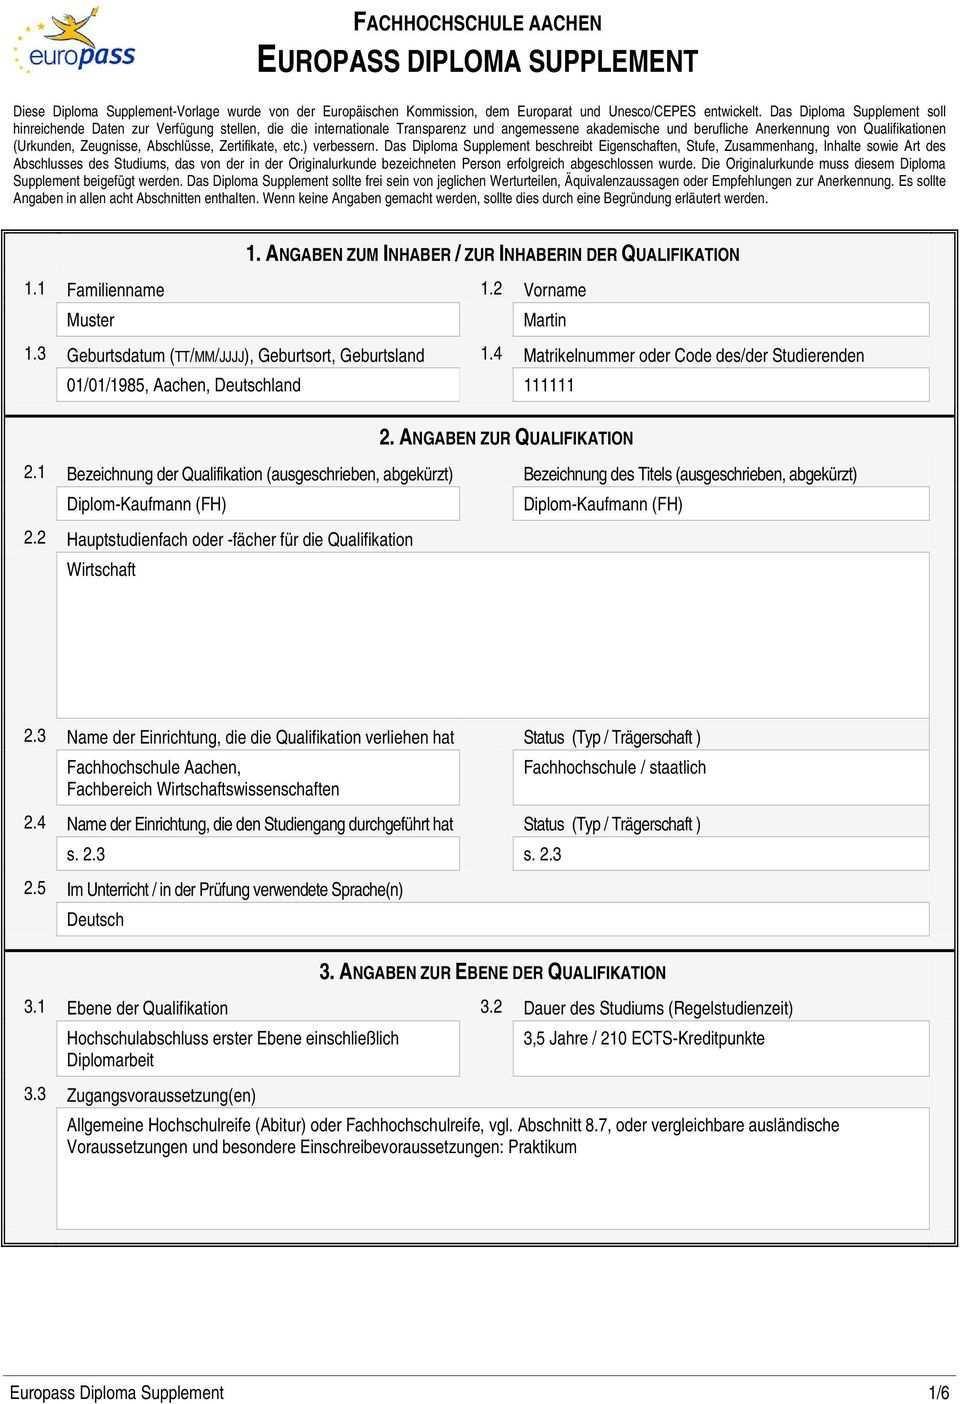 Fachhochschule Aachen Europass Diploma Supplement Pdf Free Download